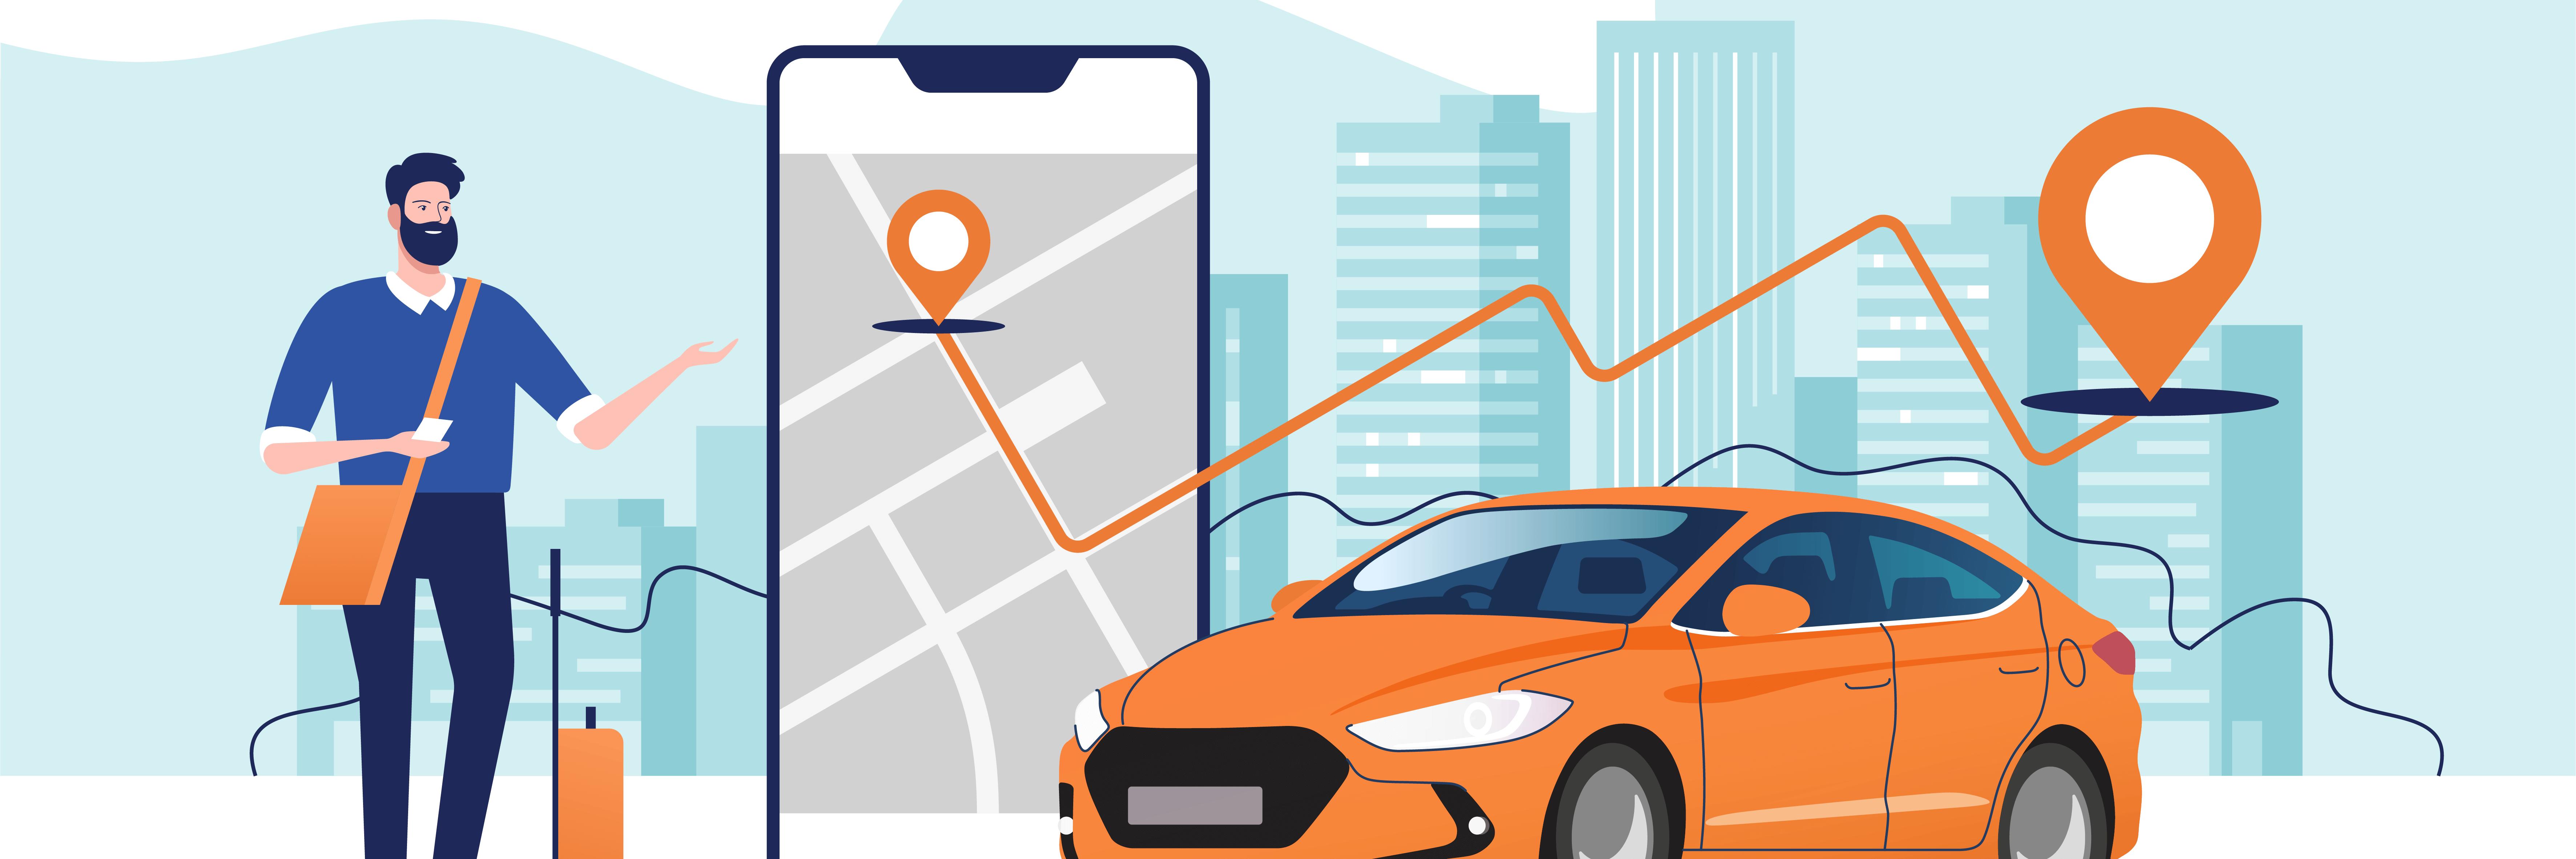 タクシーの事前確定運賃とは?利用者にも運転手にもメリットがある